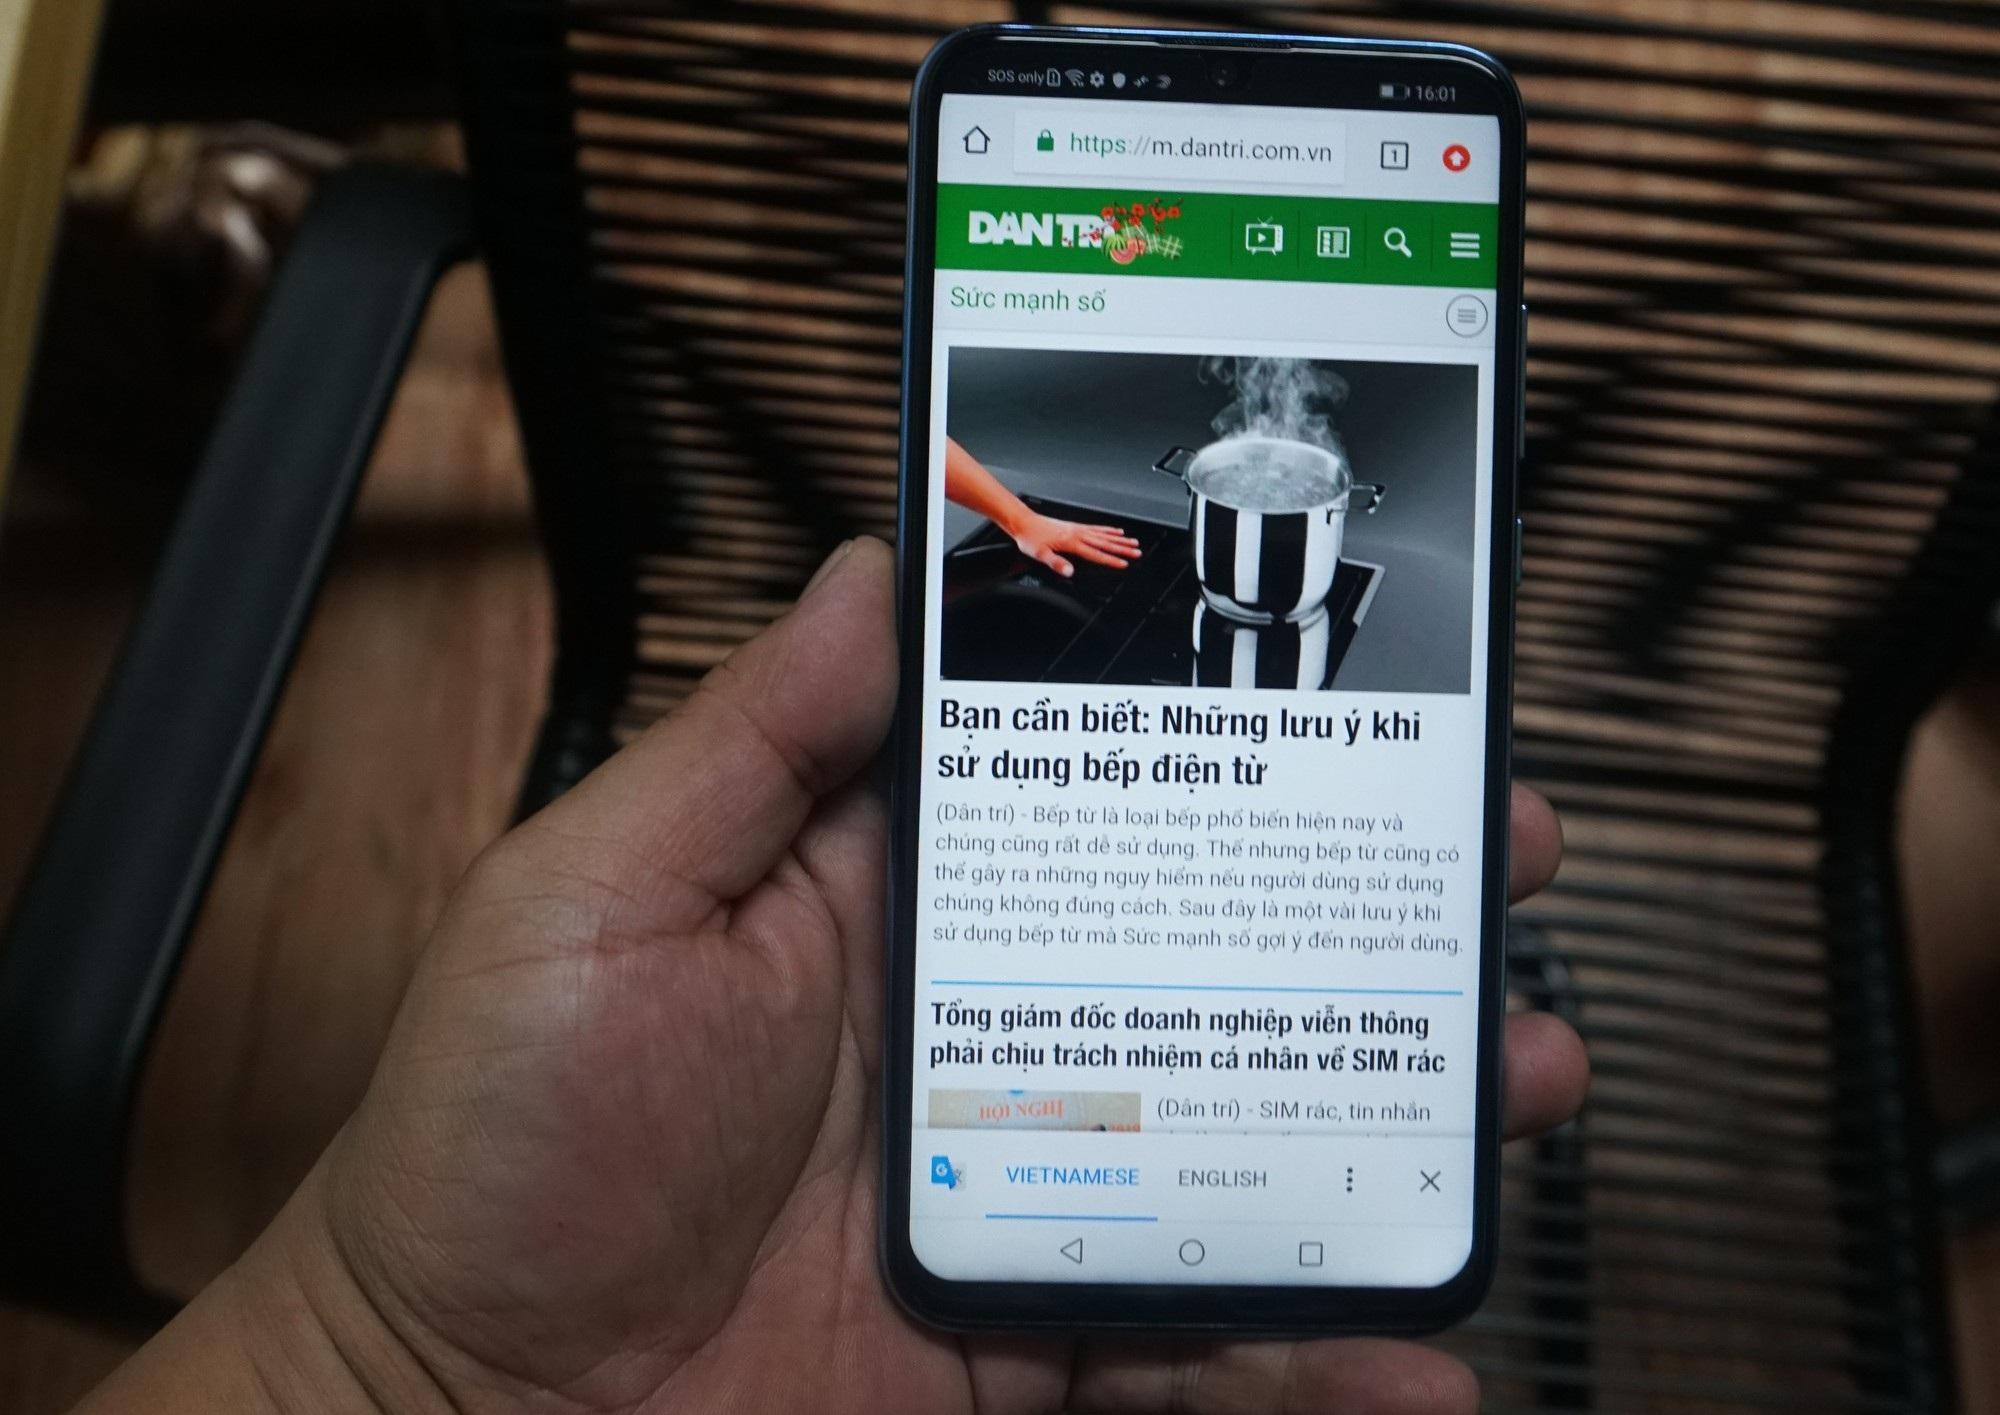 Đập hộp Honor 10 Lite - smartphone tầm trung sắp bán ở Việt Nam với giá khoảng 5 triệu đồng - Ảnh 12.